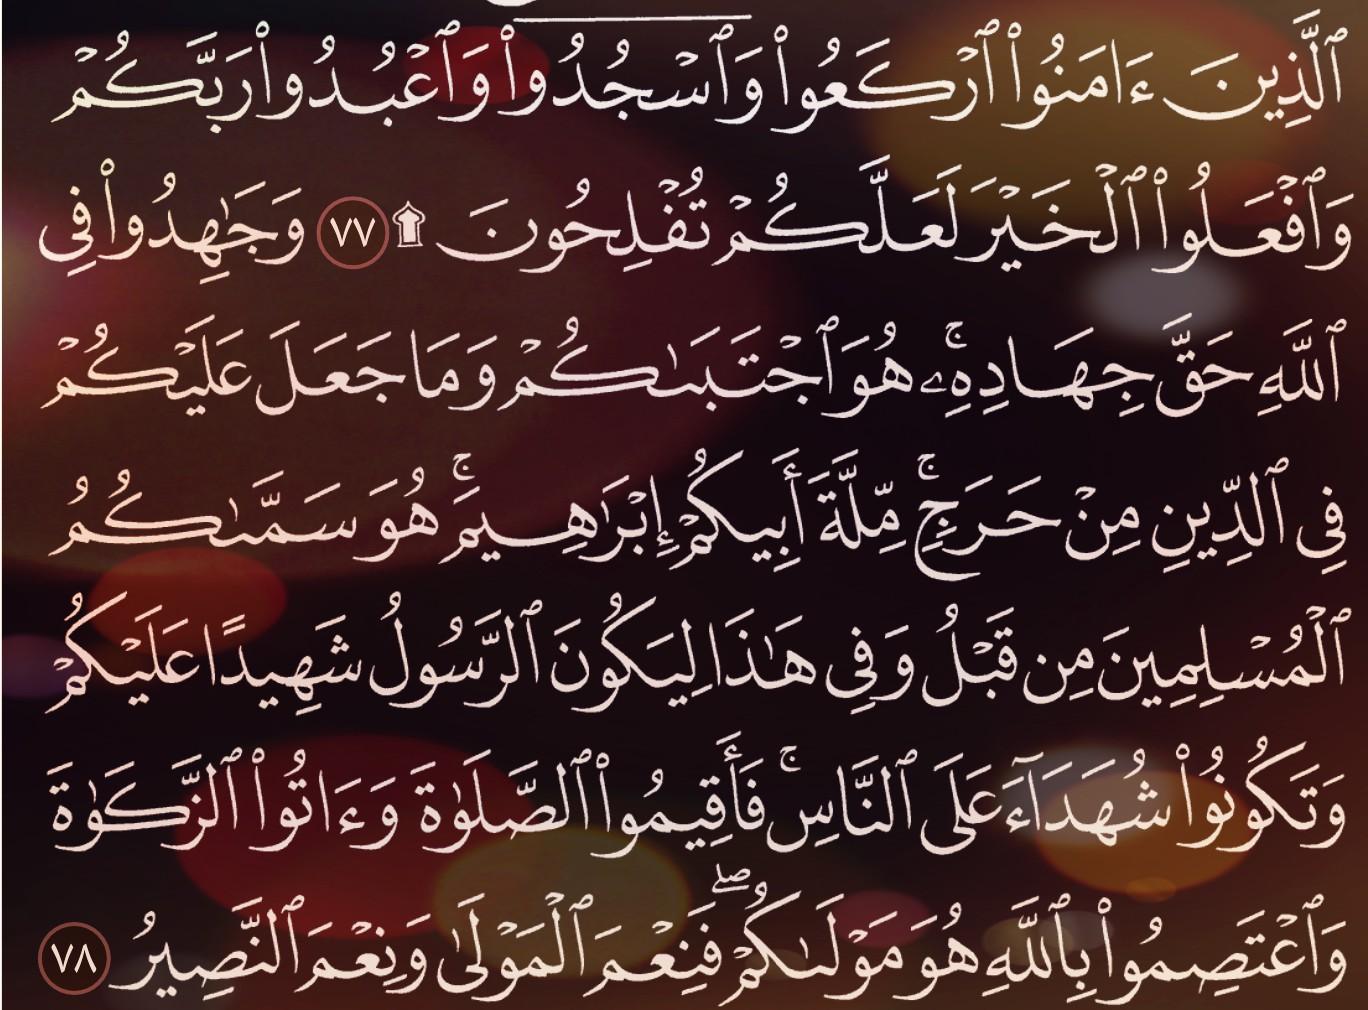 شرح وتفسير سورة الحج Surah Al Hajj  ( من الآية 73 إلى الاية 78 )